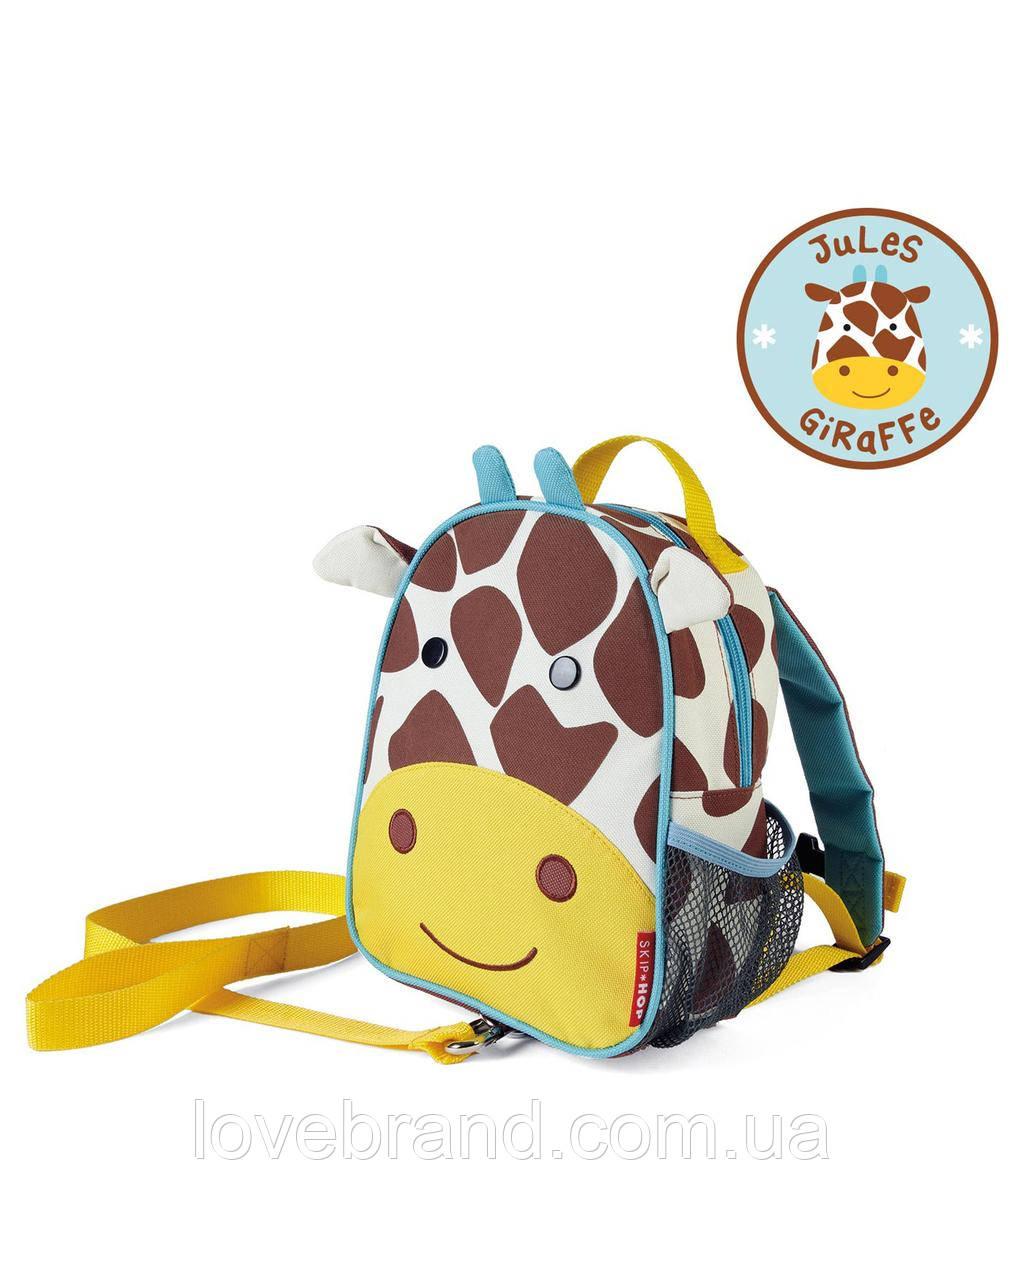 """Рюкзак для малыша SkipHop """"Жираф"""" с поводком, рюкзачок для мальчика с жирафом Скип Хоп ОРИГИНАЛ"""